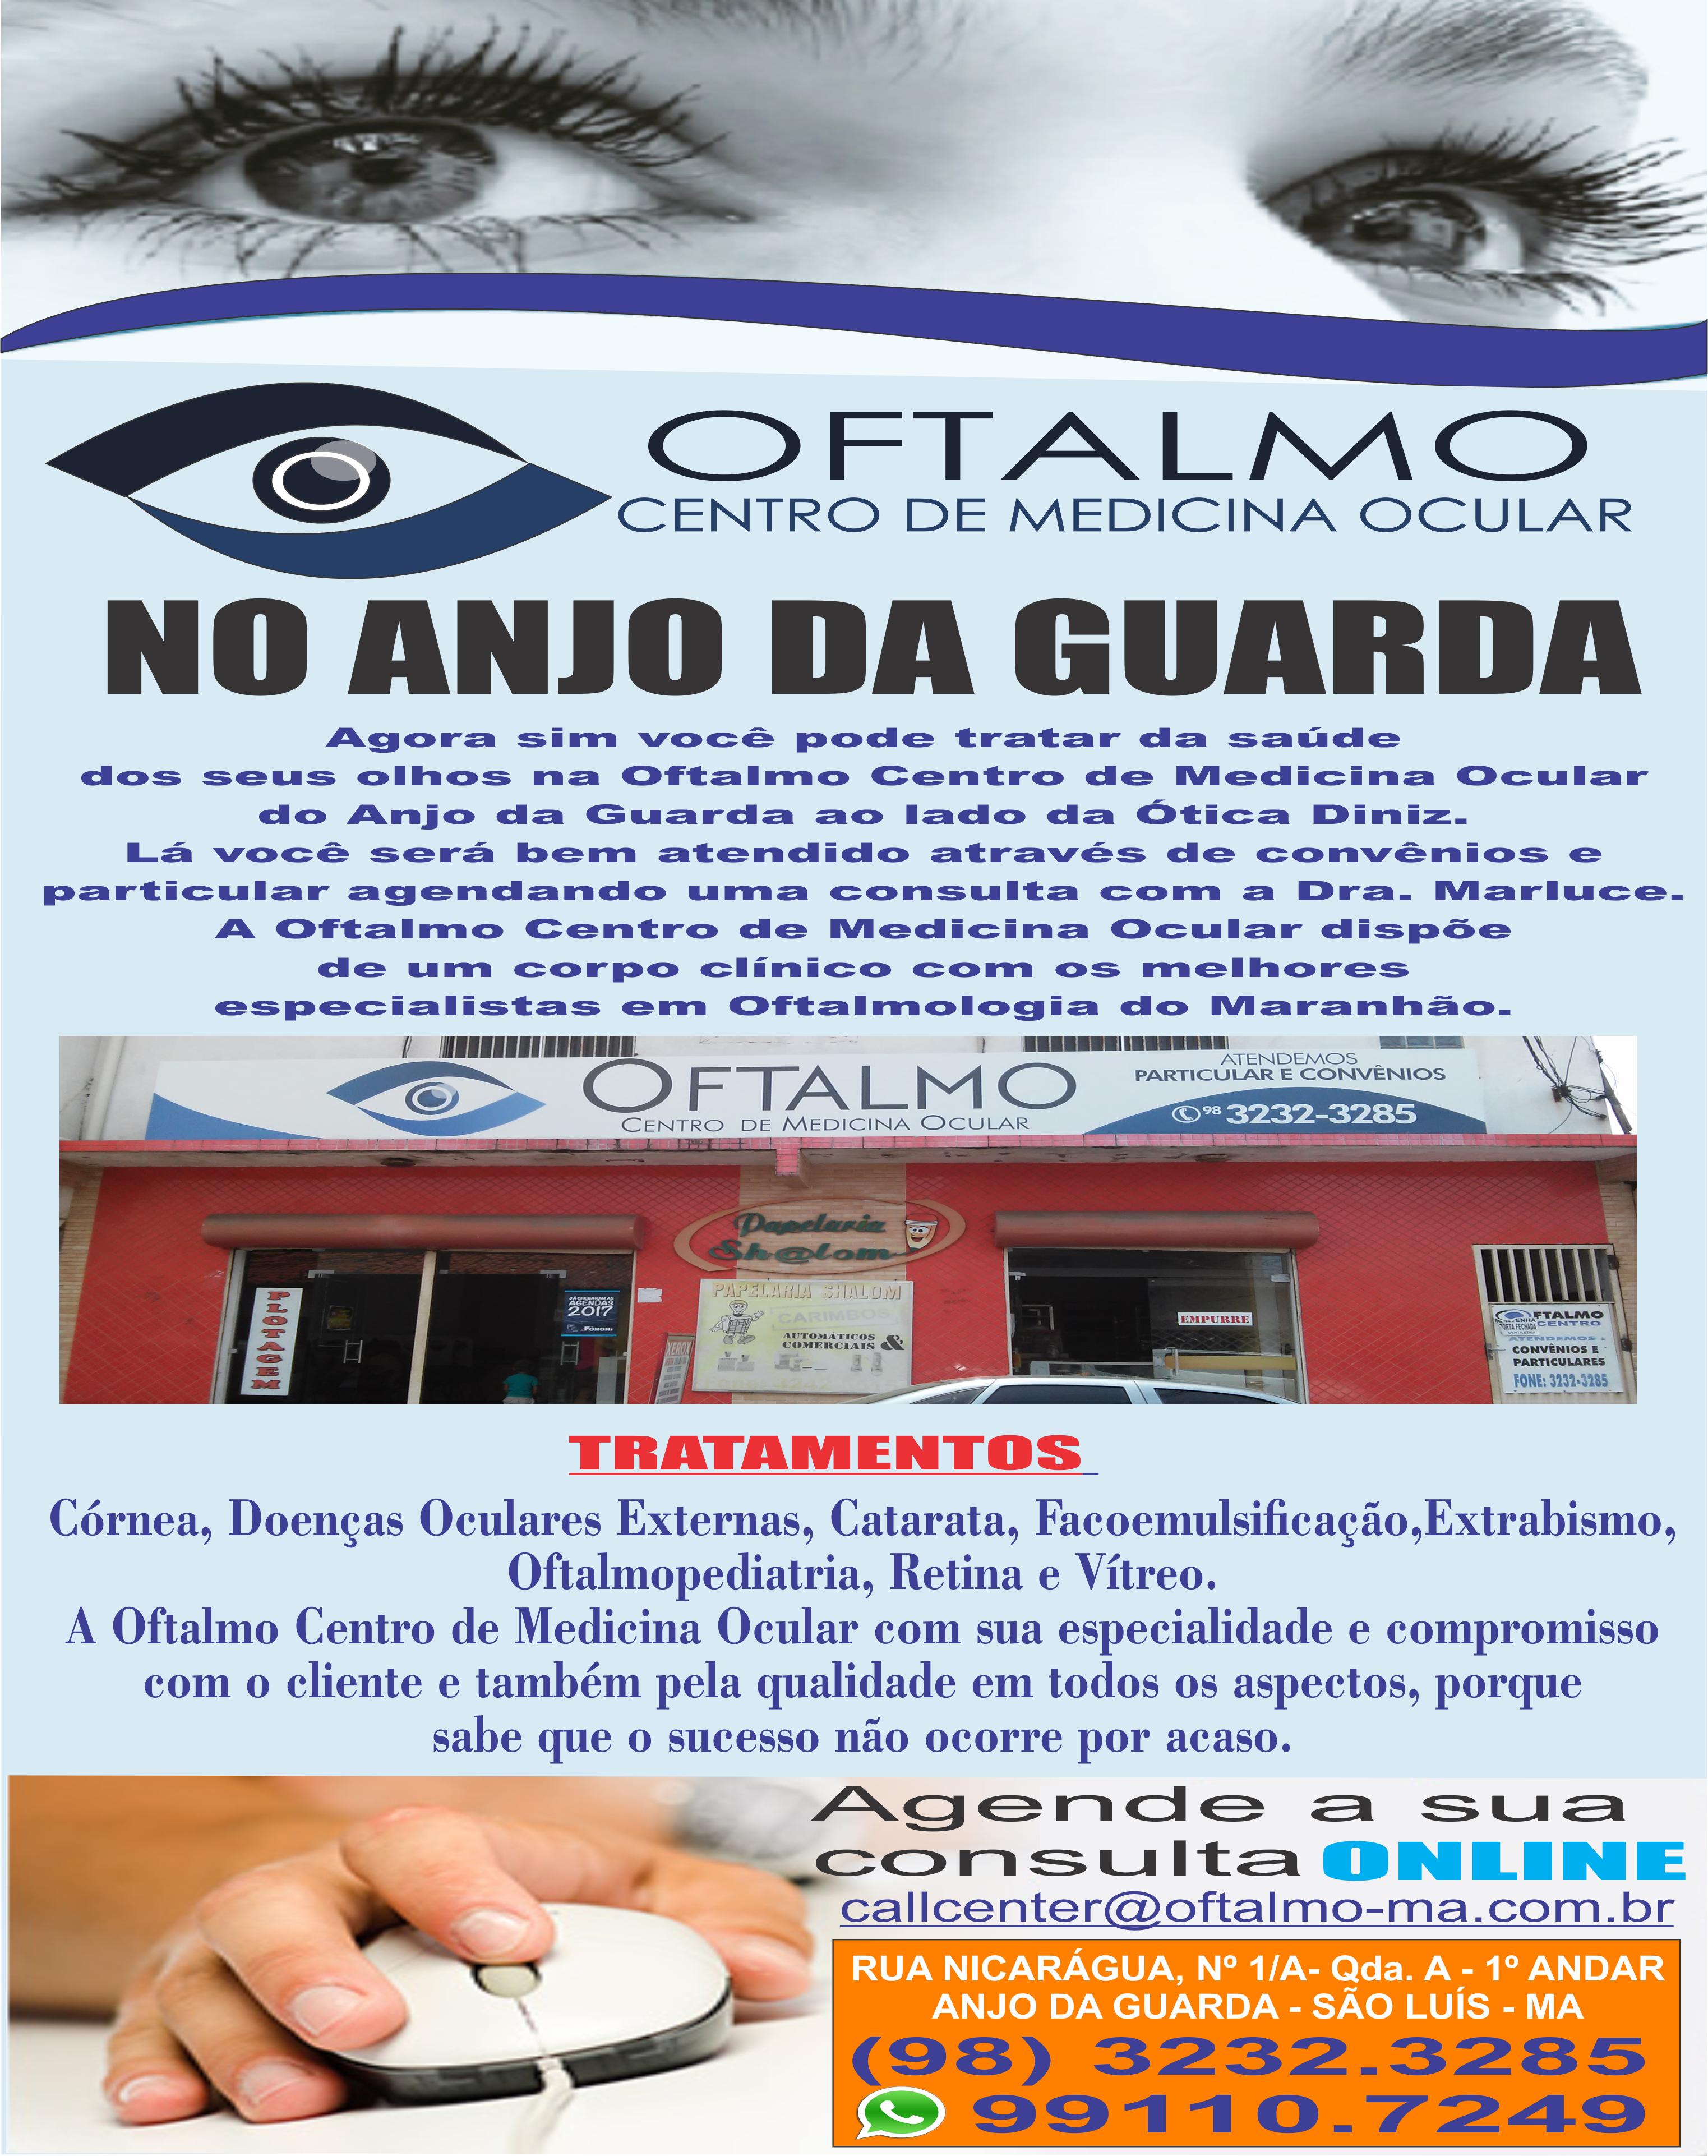 INFORMATIVO DA SEMANA – Oftalmo Centro de Medicina Ocular